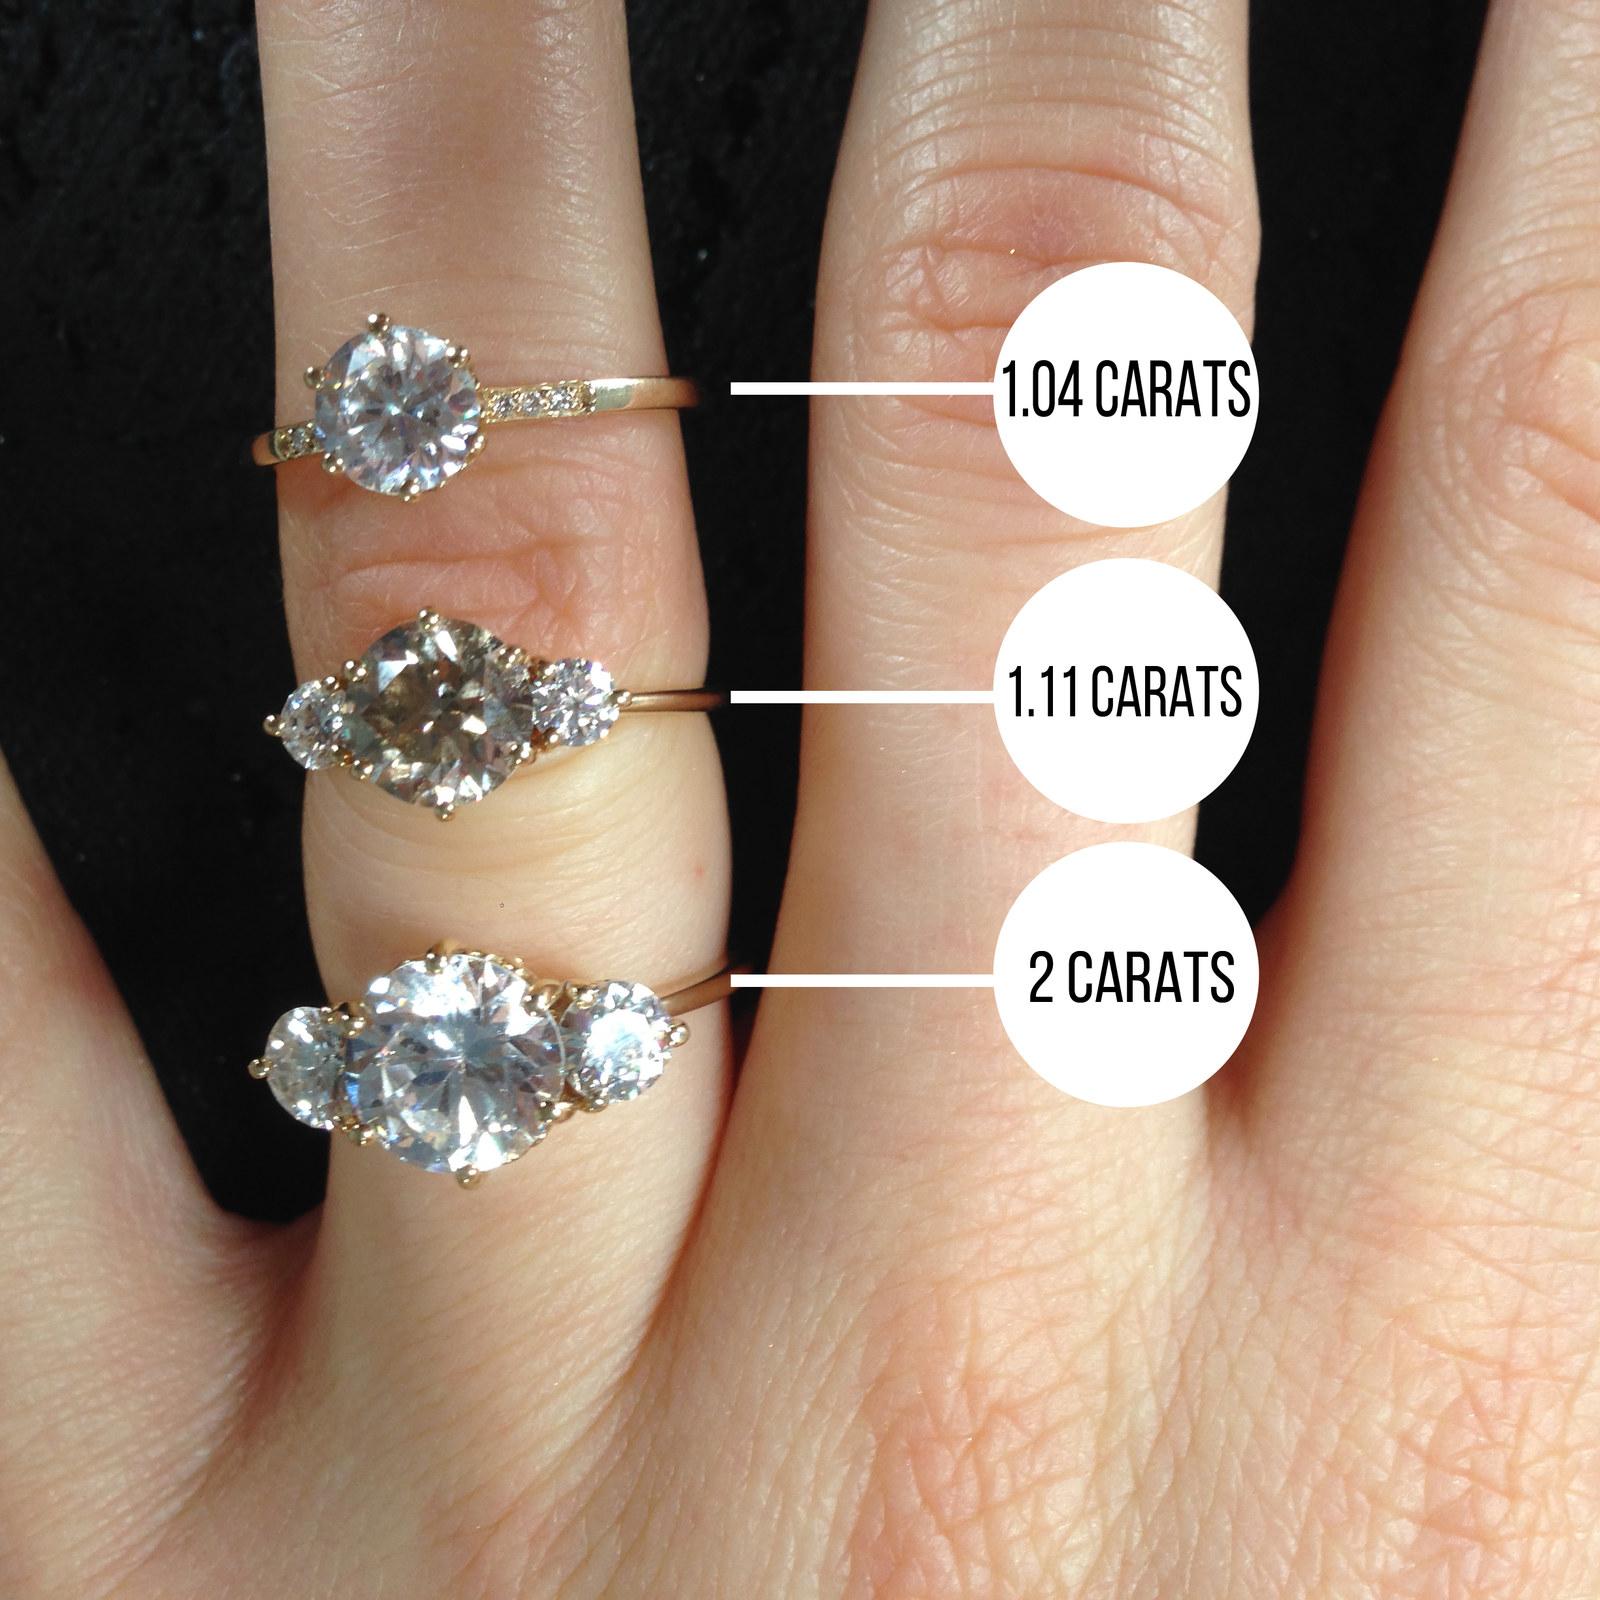 Thereu0027s A Big Difference Between A 1 Carat And A 2 Carat Diamond.